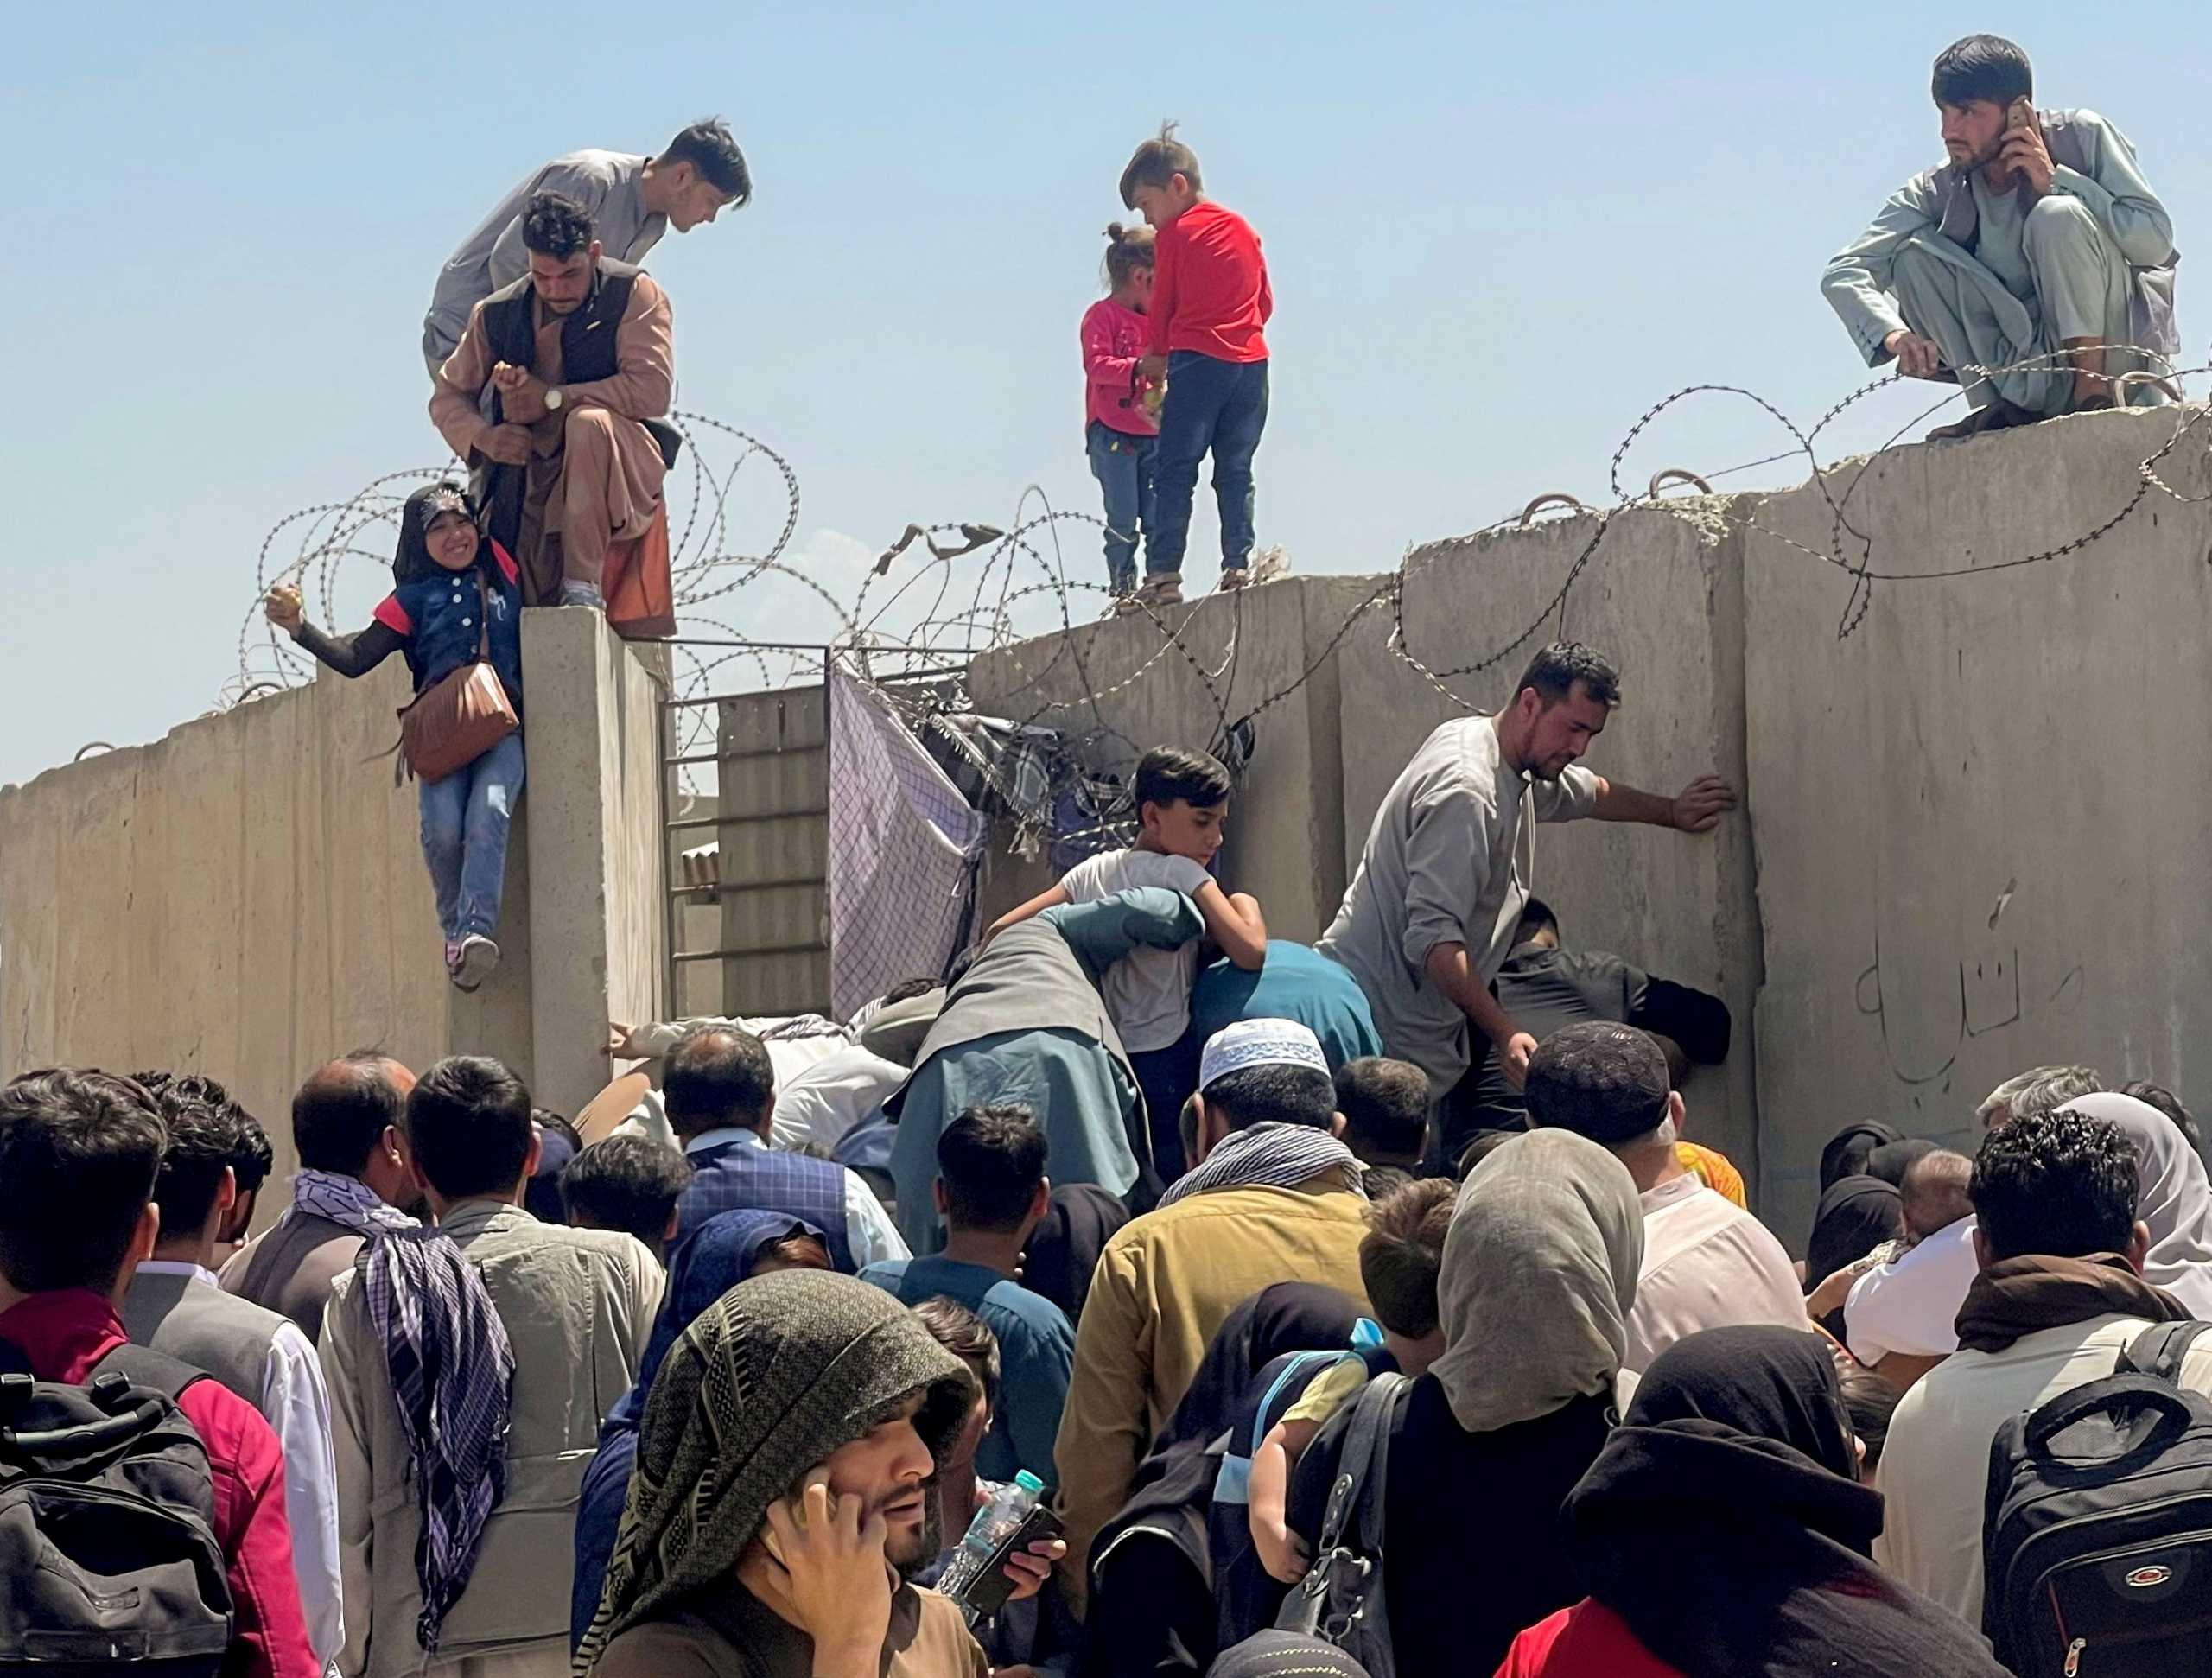 Αφγανιστάν: «Όνειδος για τη Δύση» οι εικόνες στη Καμπούλ λέει ο Γερμανός πρόεδρος